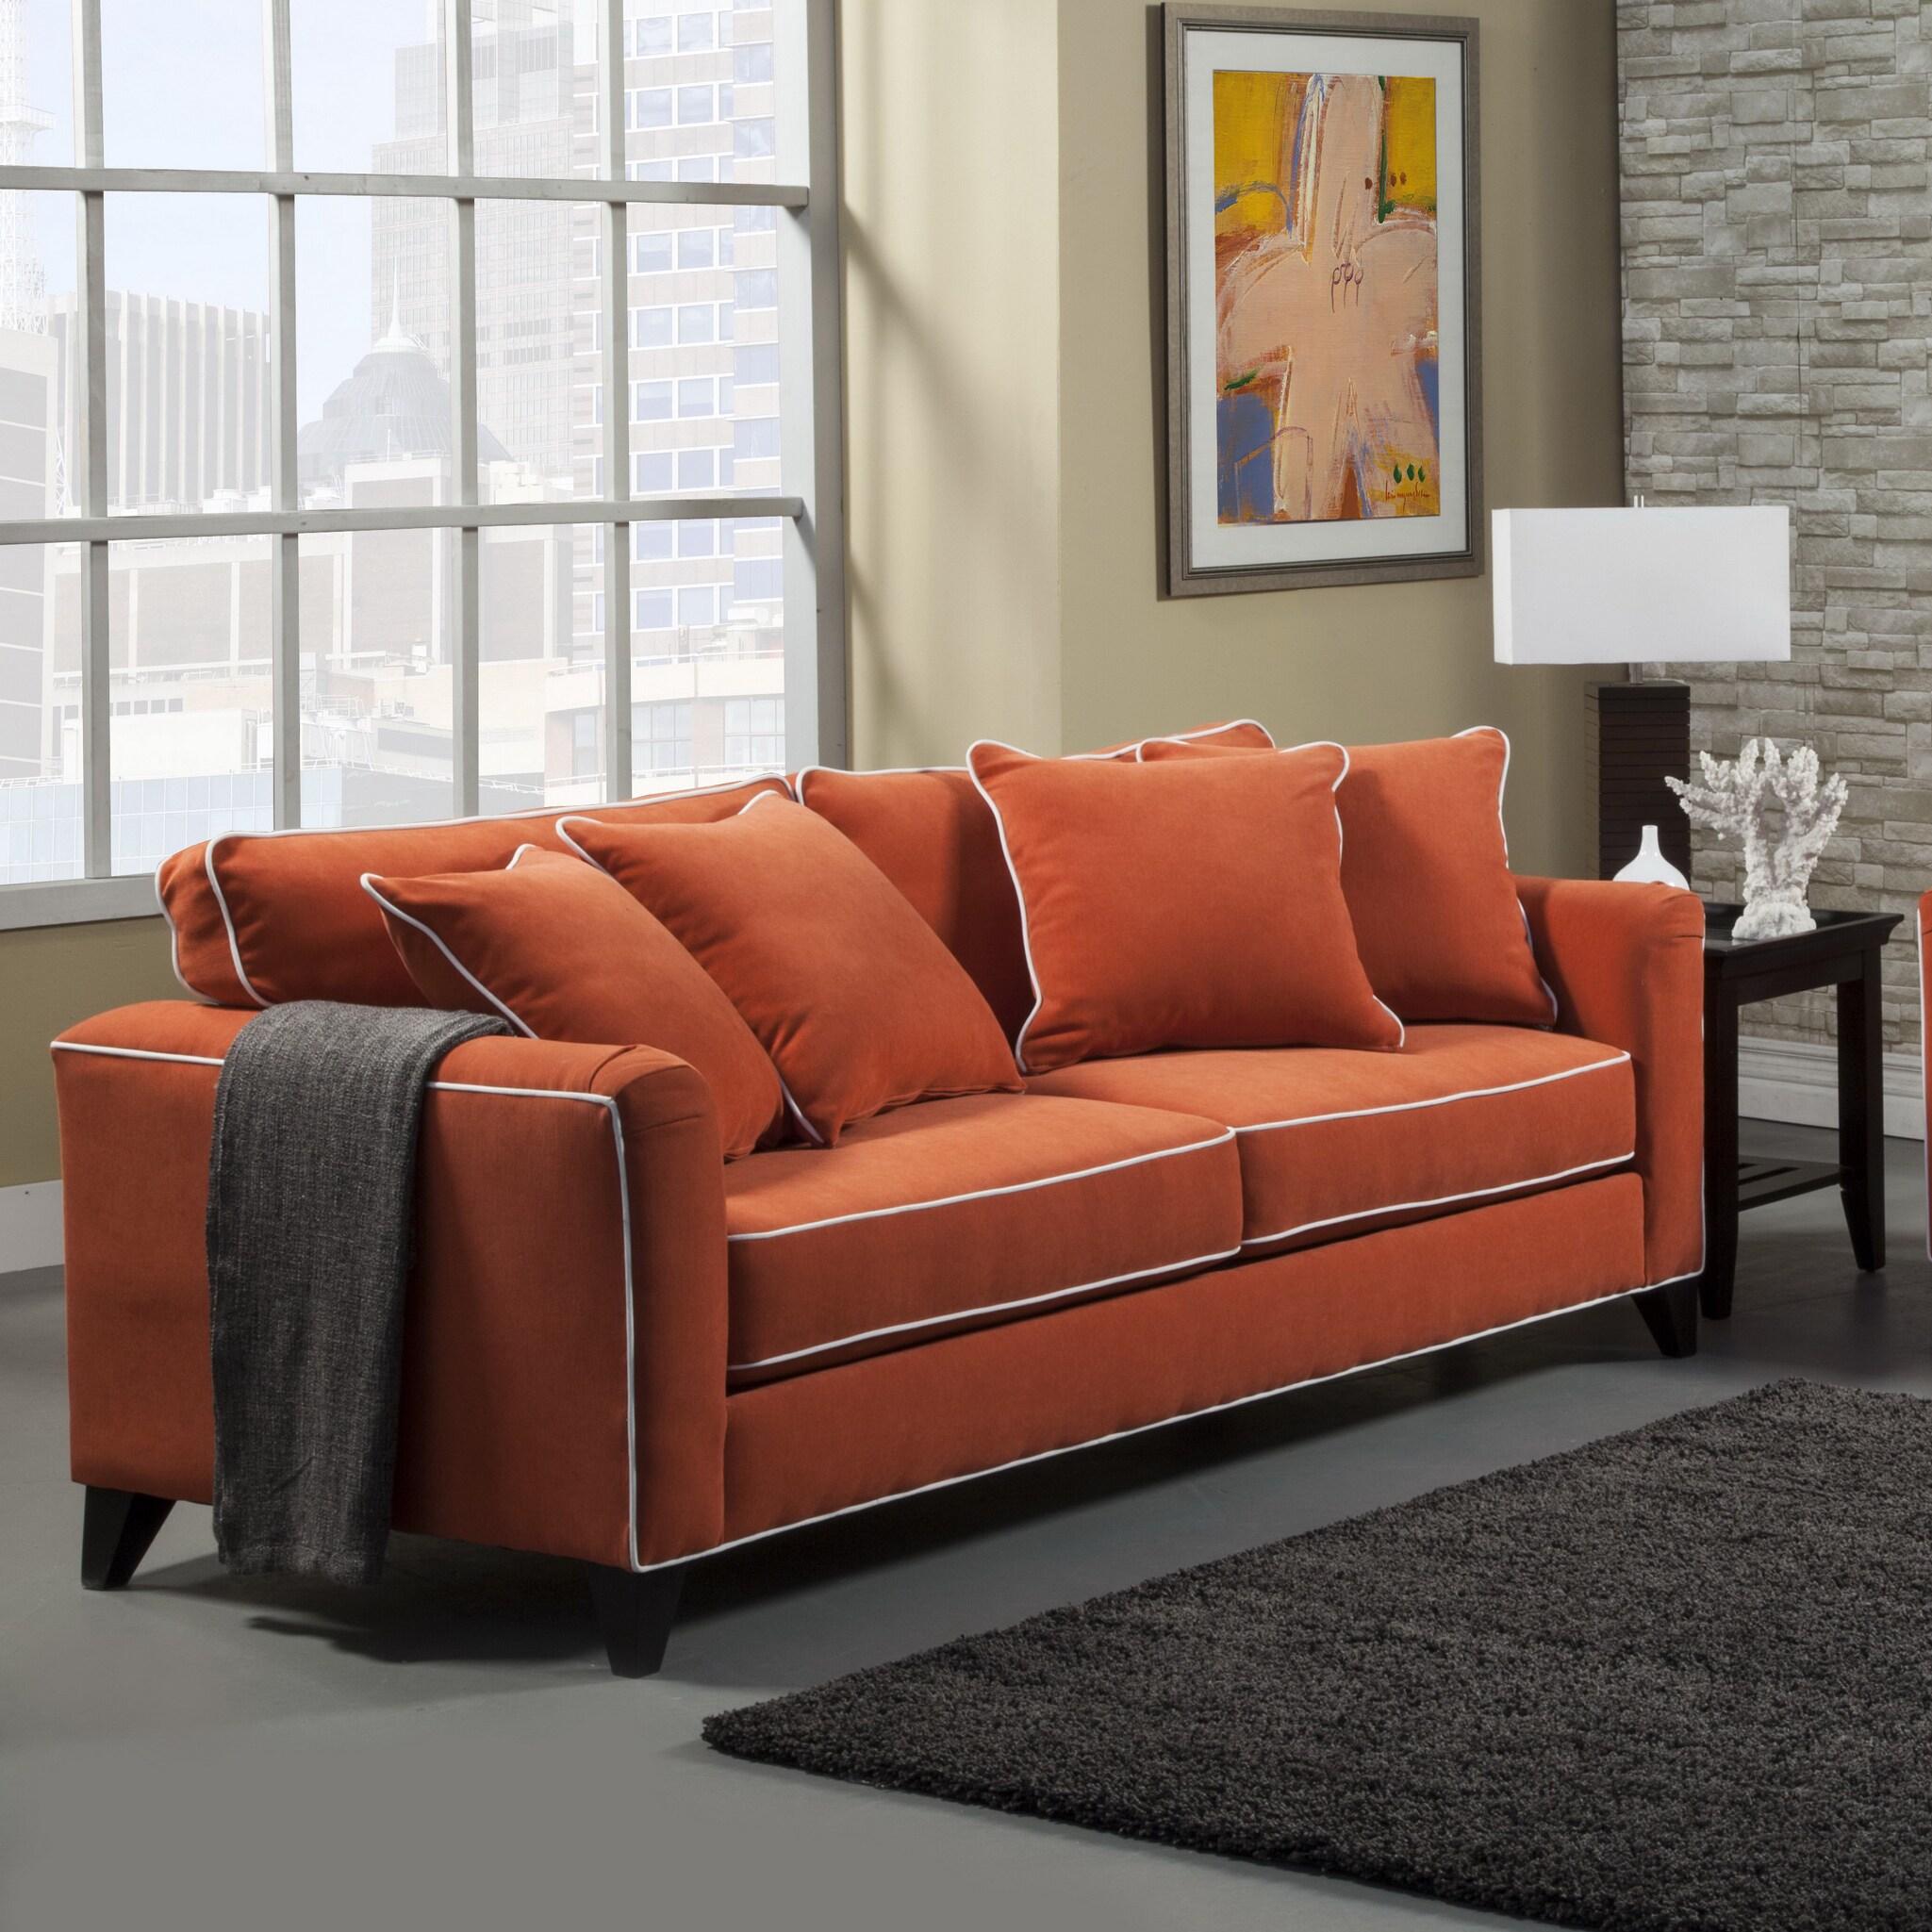 Overstocked Furniture: Furniture Of America Alton Contemporary Chenille Sofa